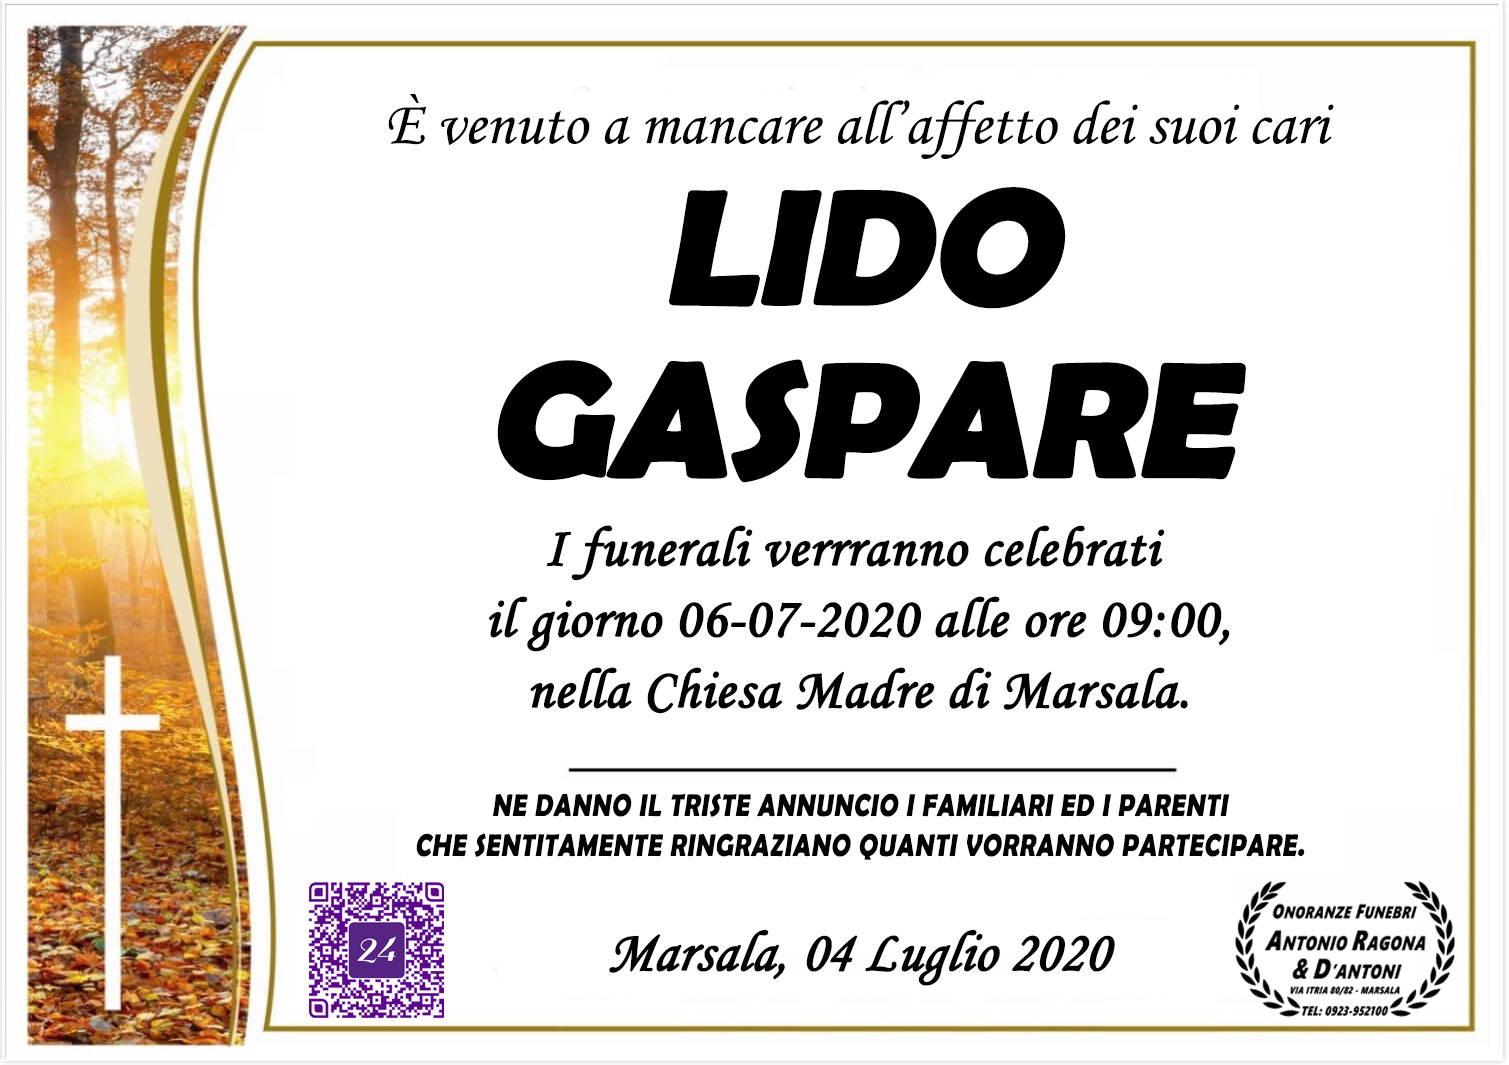 Gaspare Lido